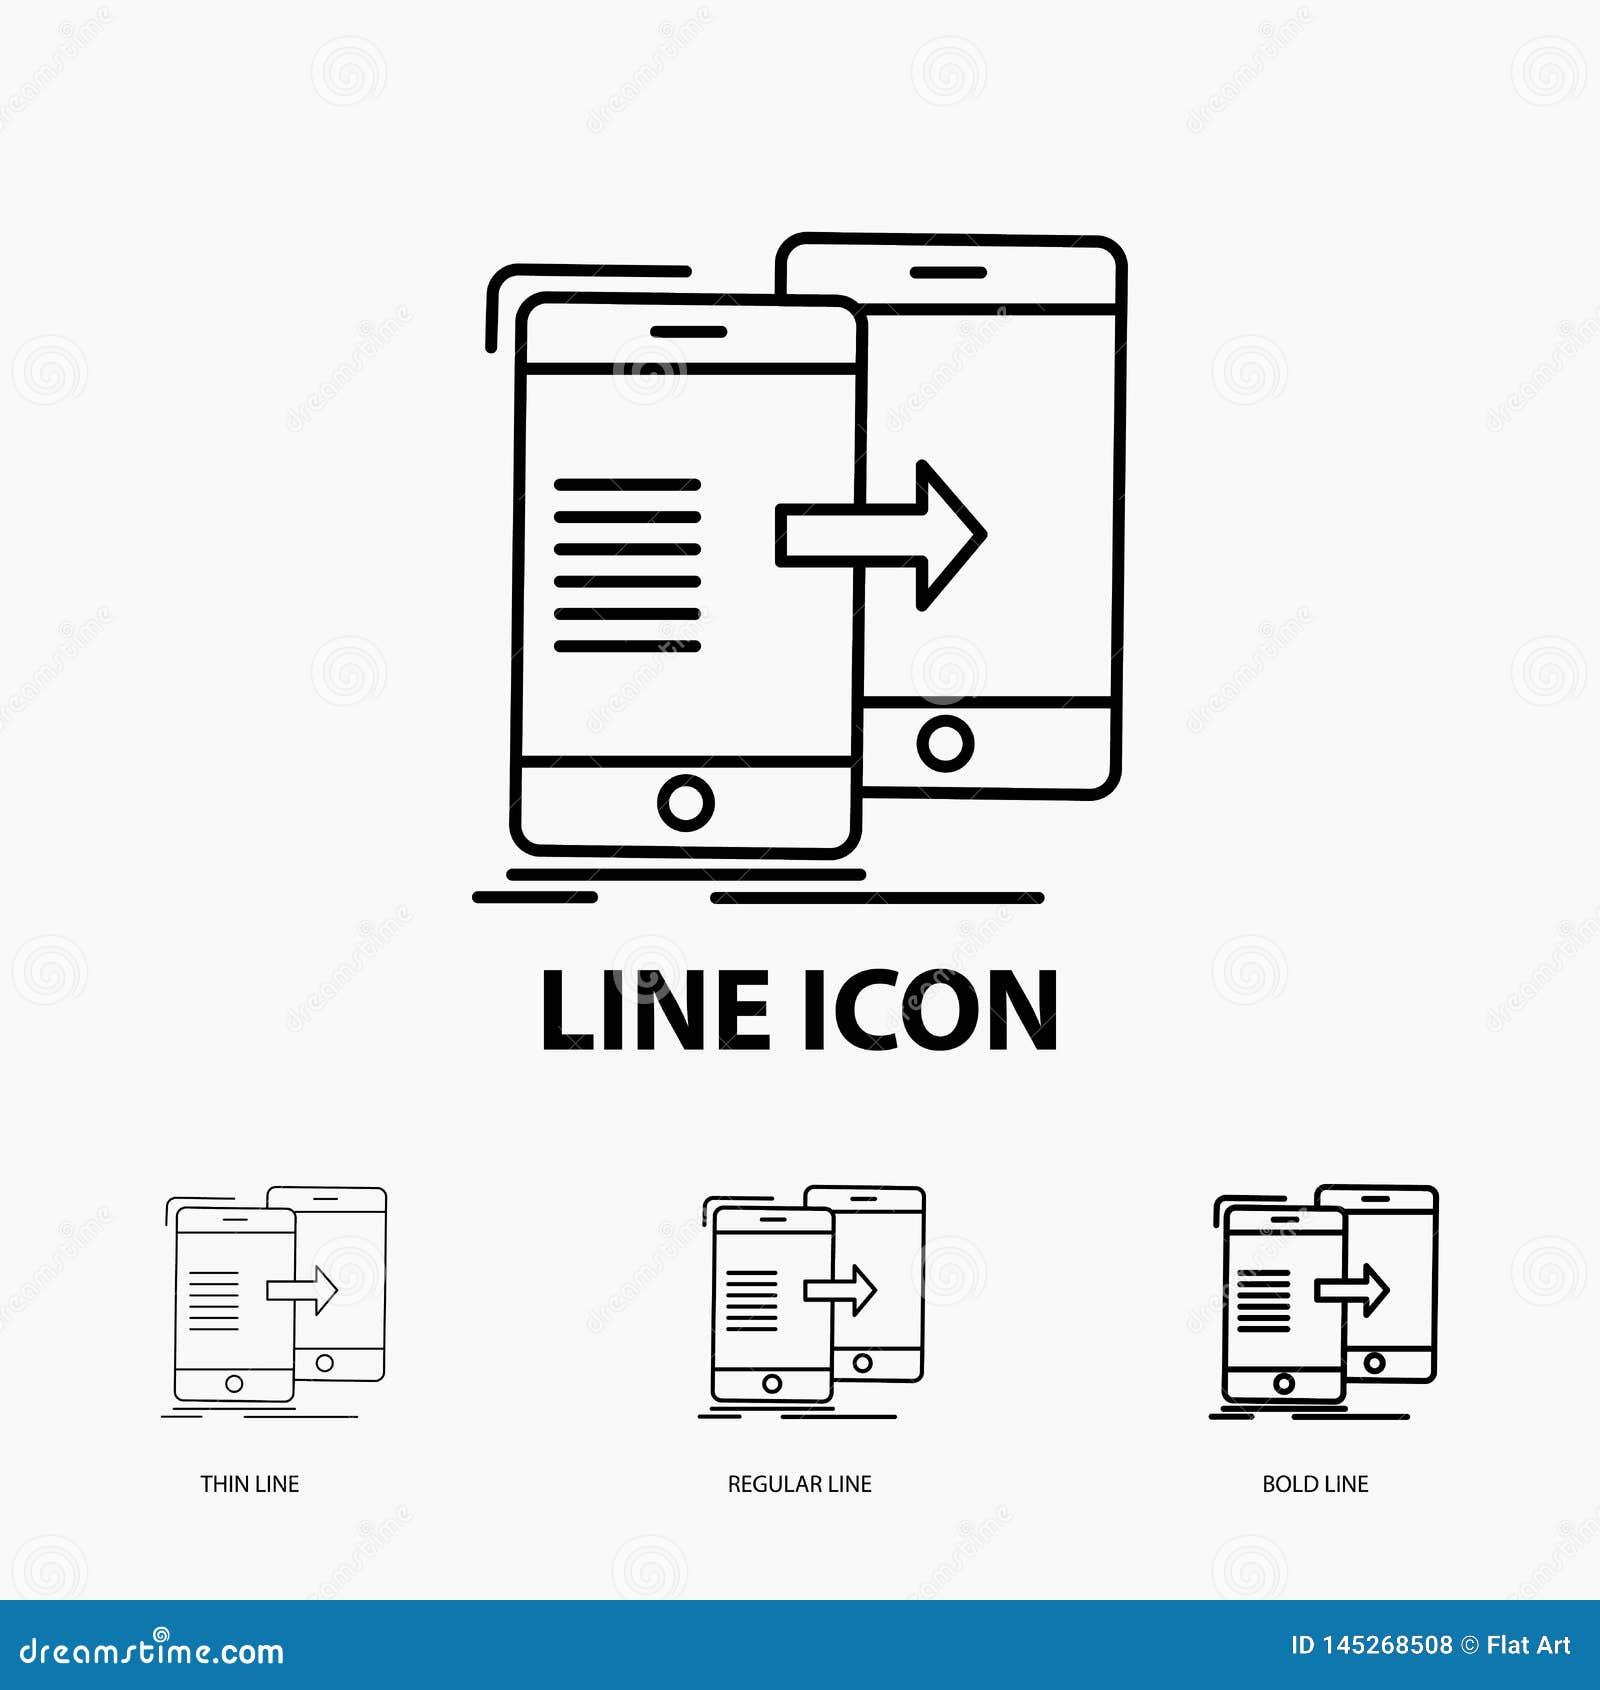 Données, partager, synchronisation, synchronisation, icône syncing dans la ligne style mince, régulière et audacieuse Illustratio